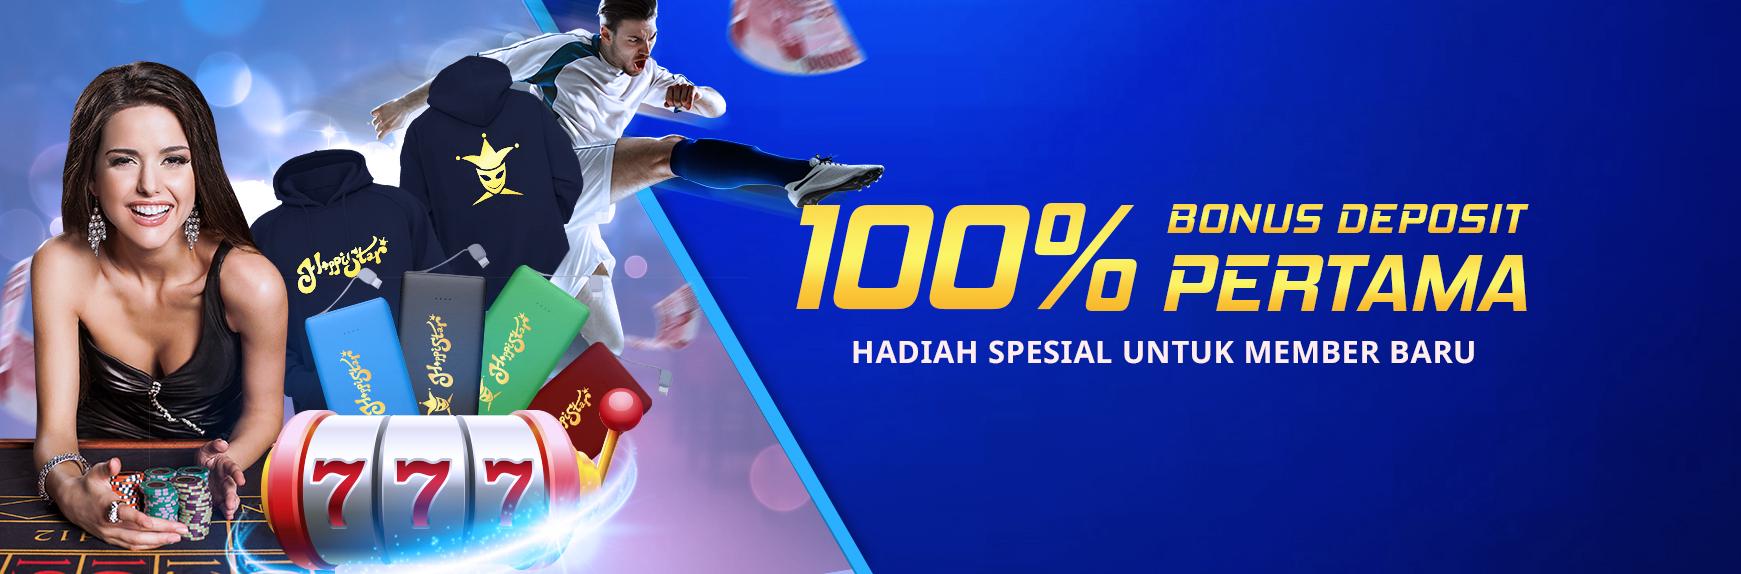 100% Bonus Deposit Pertama di HappiStar88 MB-600-100_FirstDepositBonus-IND-1741x574